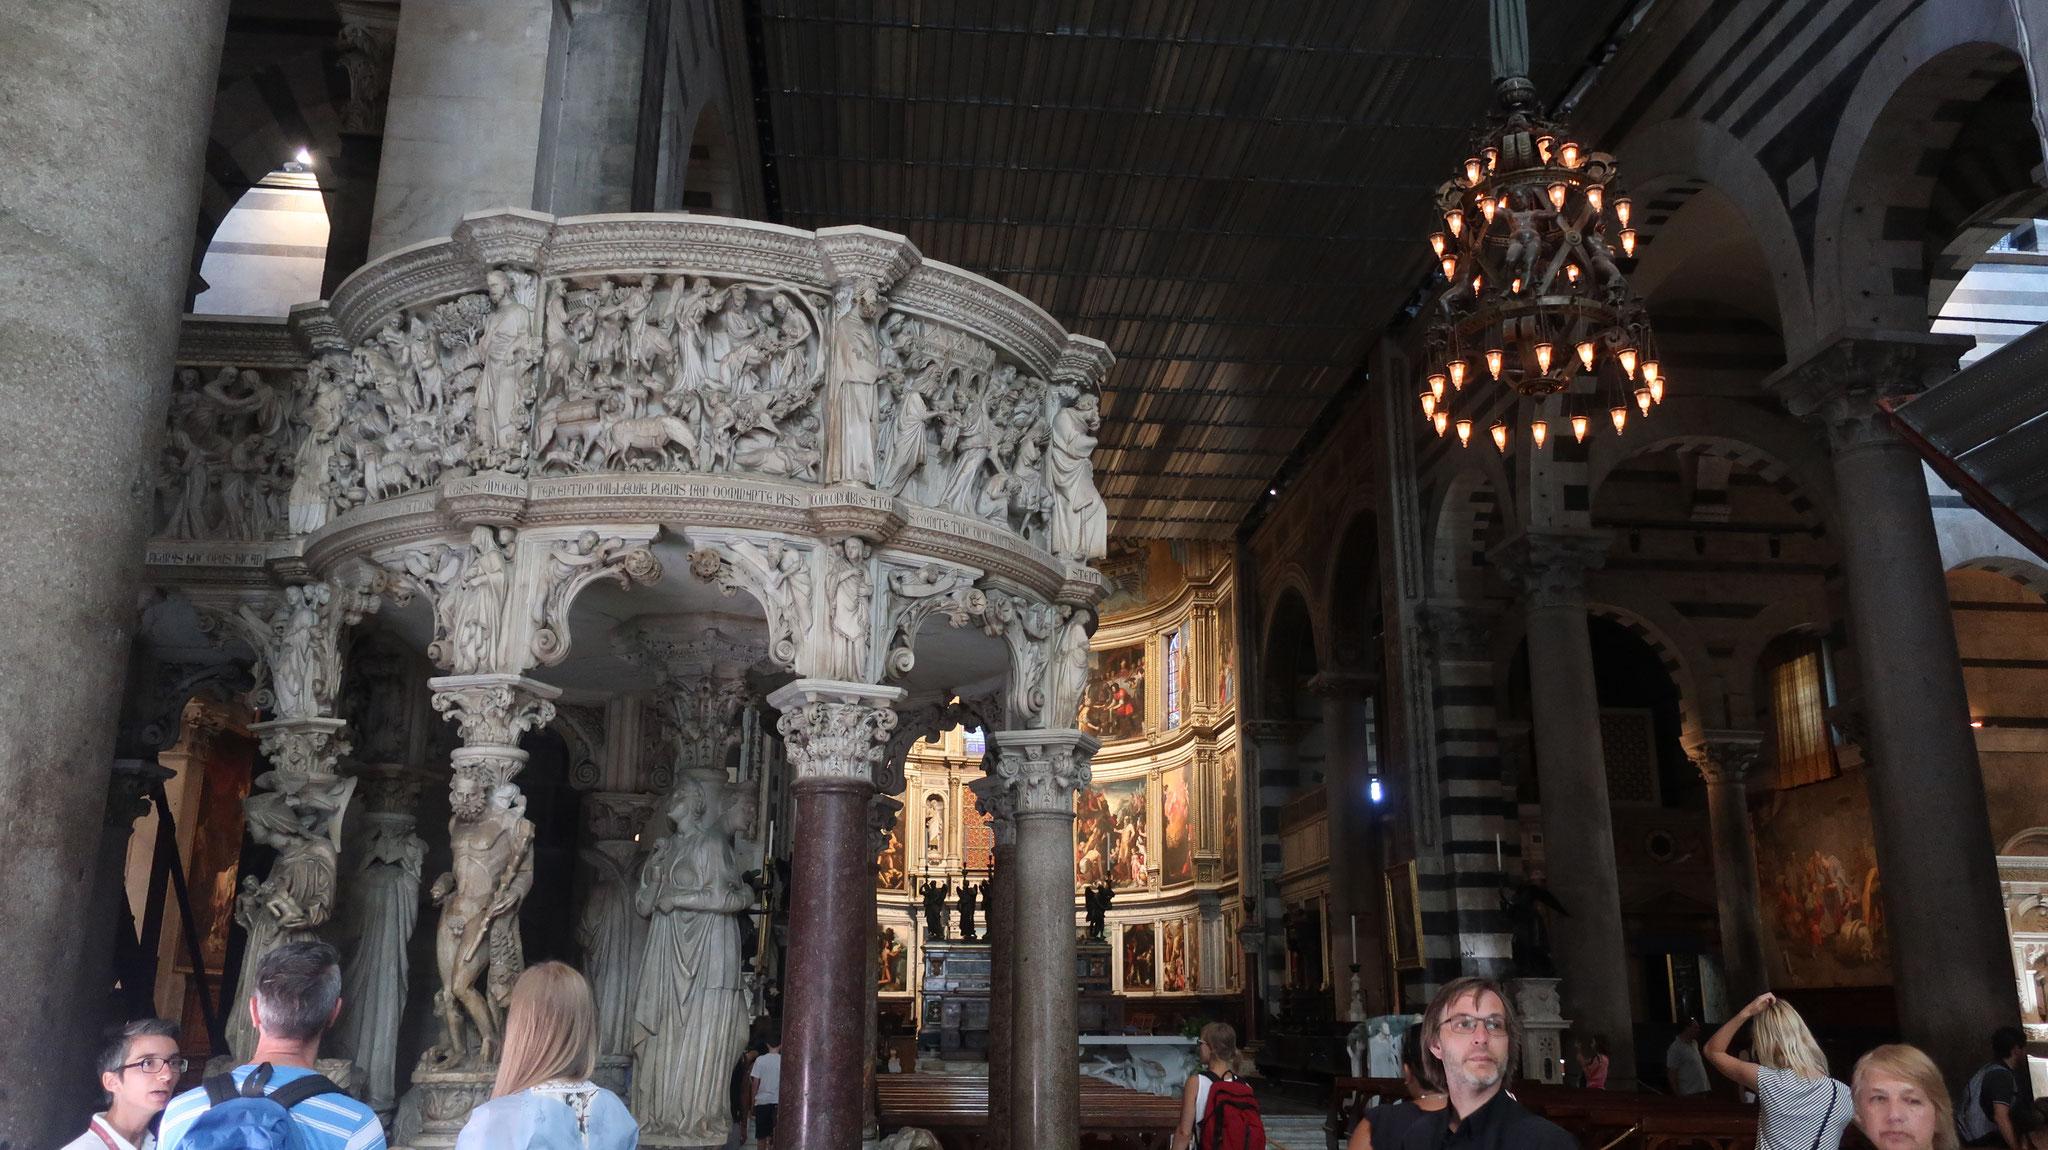 説教壇(14世紀始め、ジョヴァンニ・ピサーノ作)とガリレオのランプ。